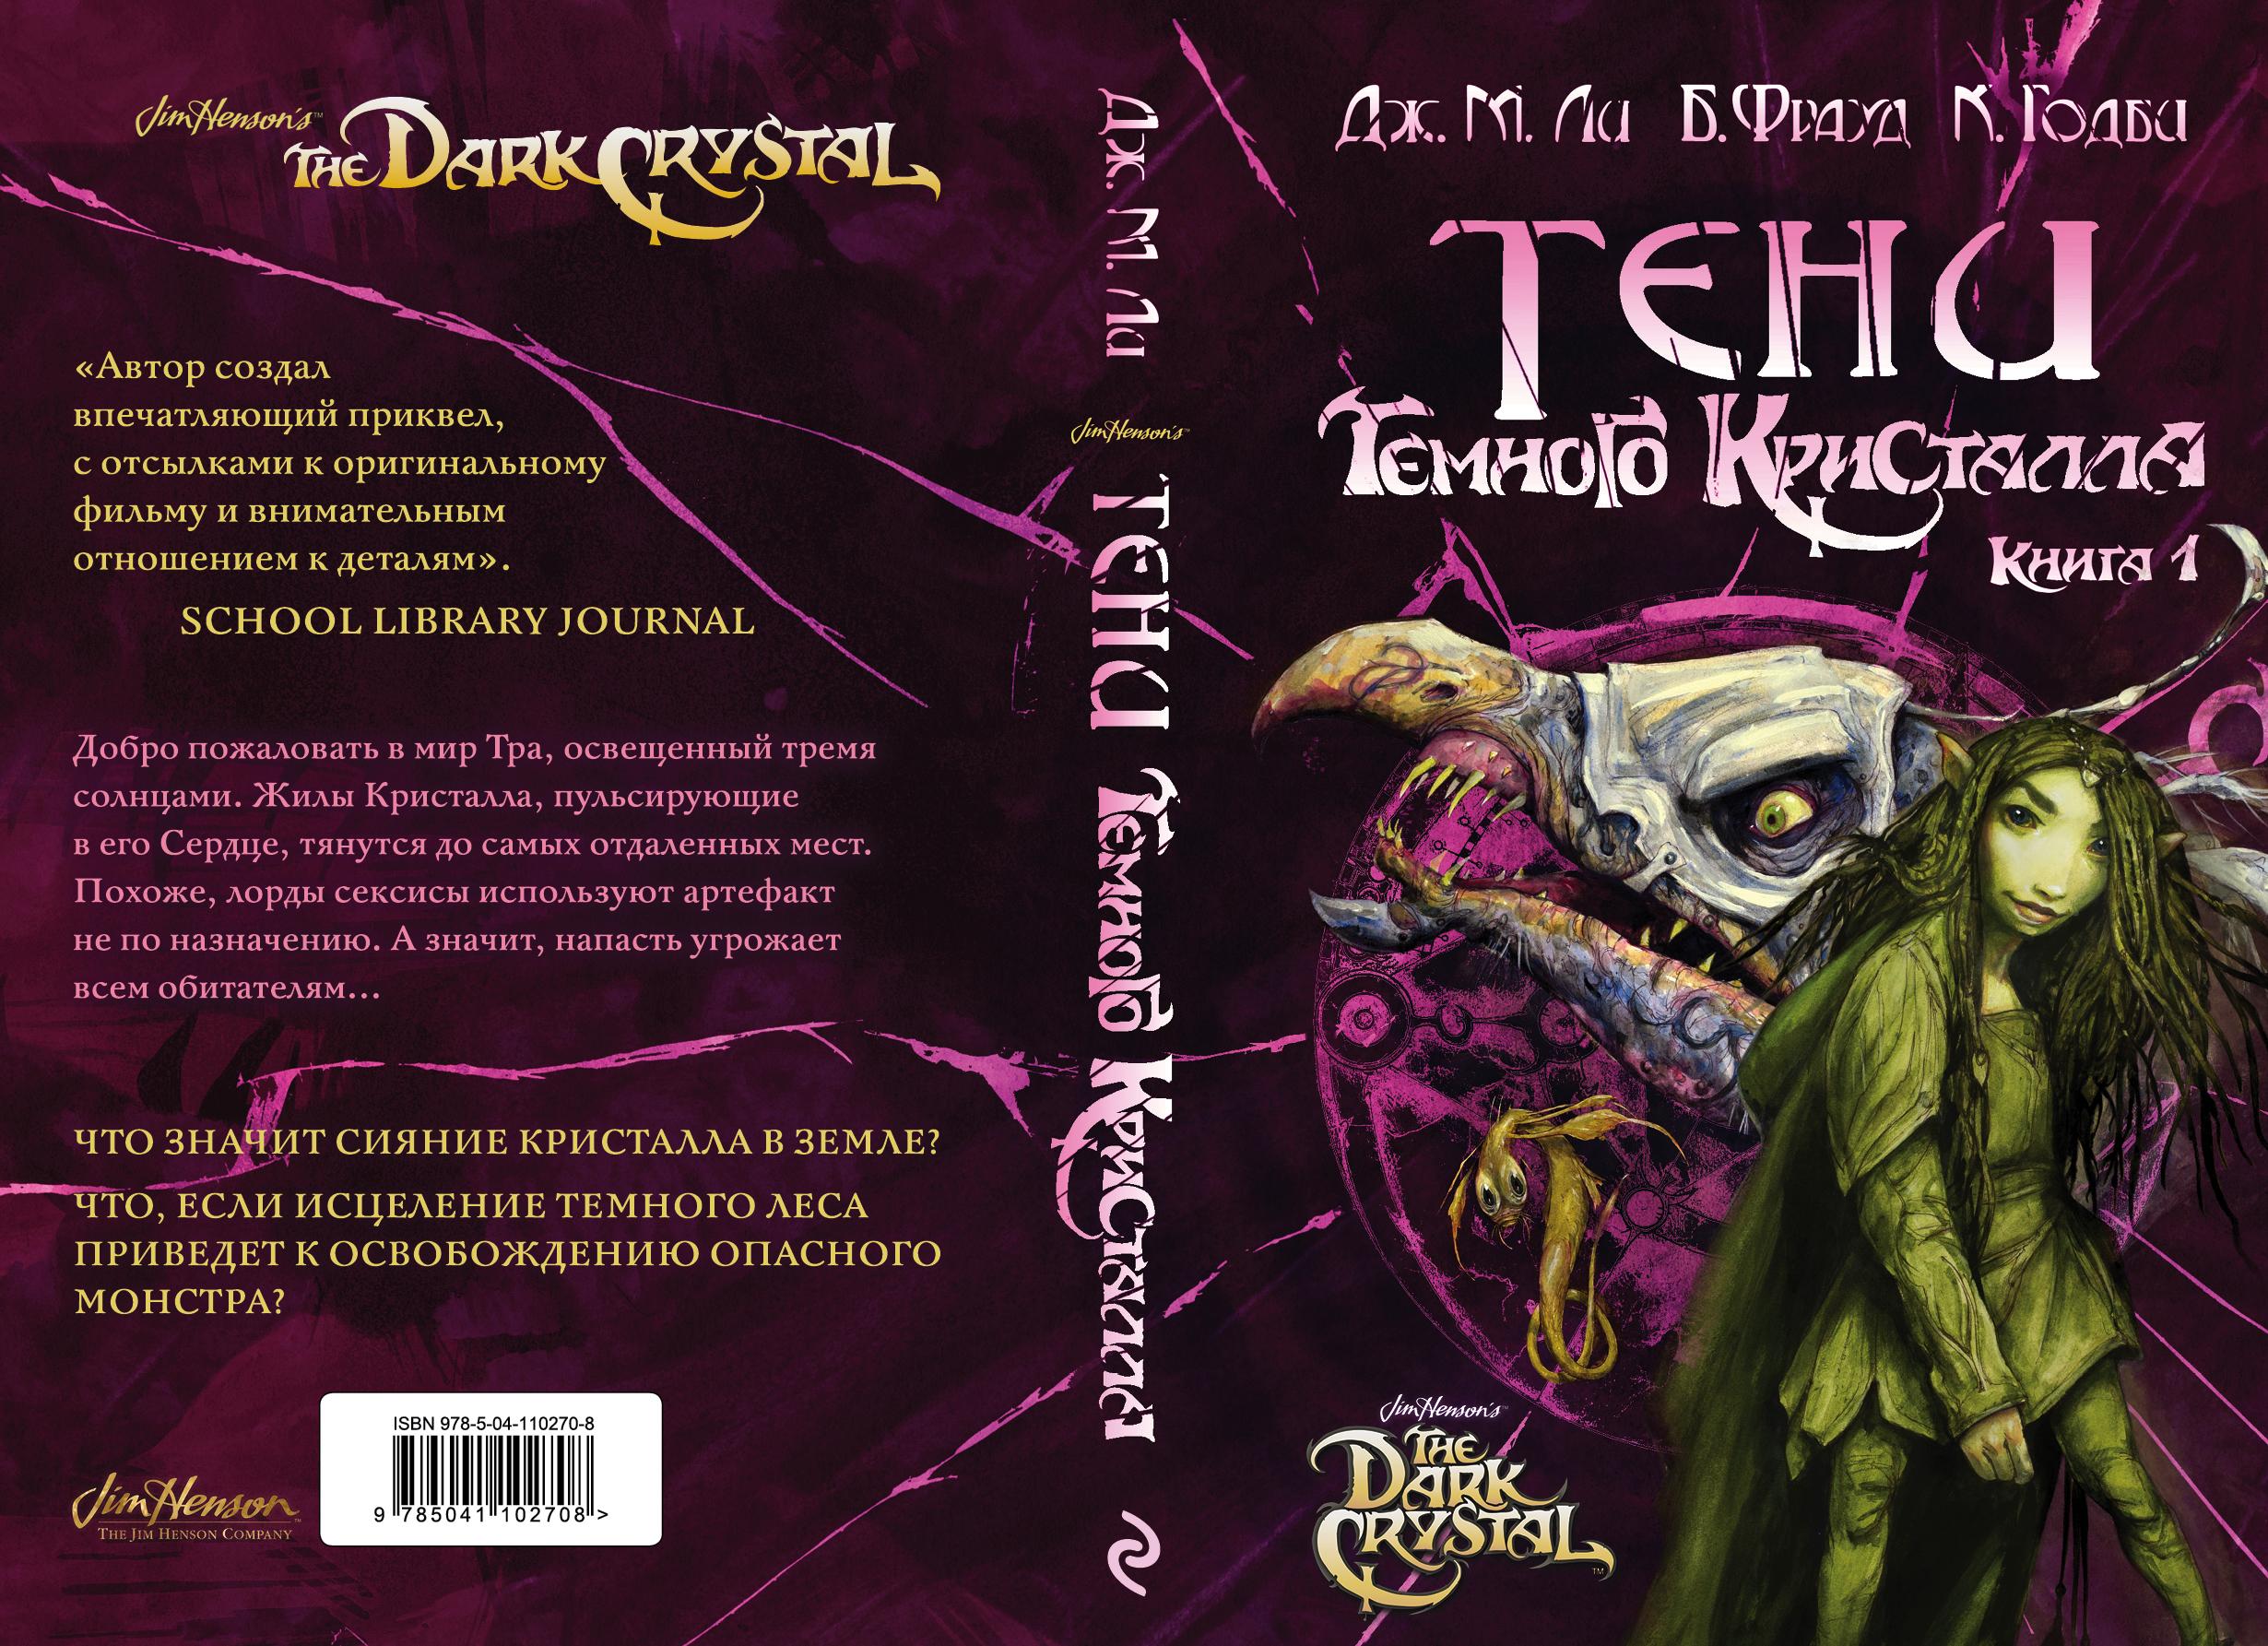 Что почитать: новая книга Хелависы и роман посериалу «Тёмный кристалл» 1